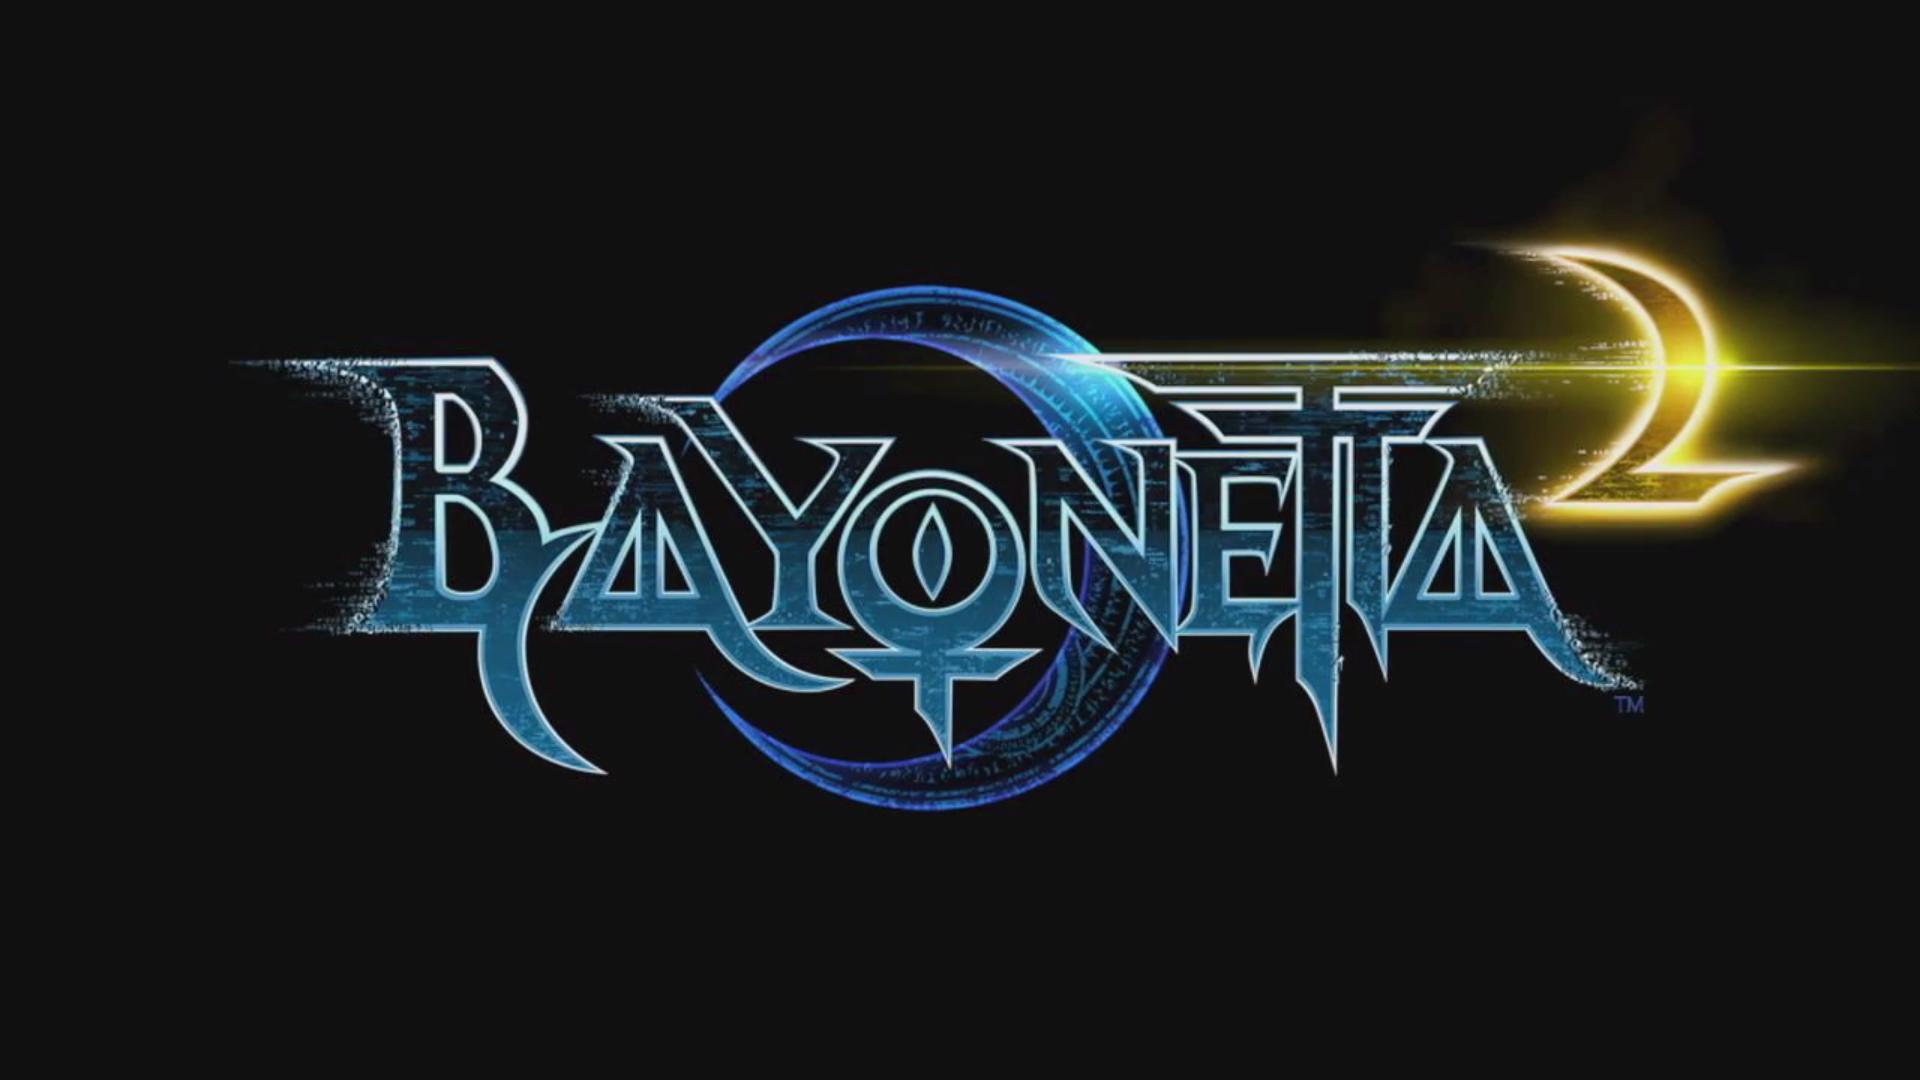 Bayonetta 2's Odd Pre-Order Bonus in Japan